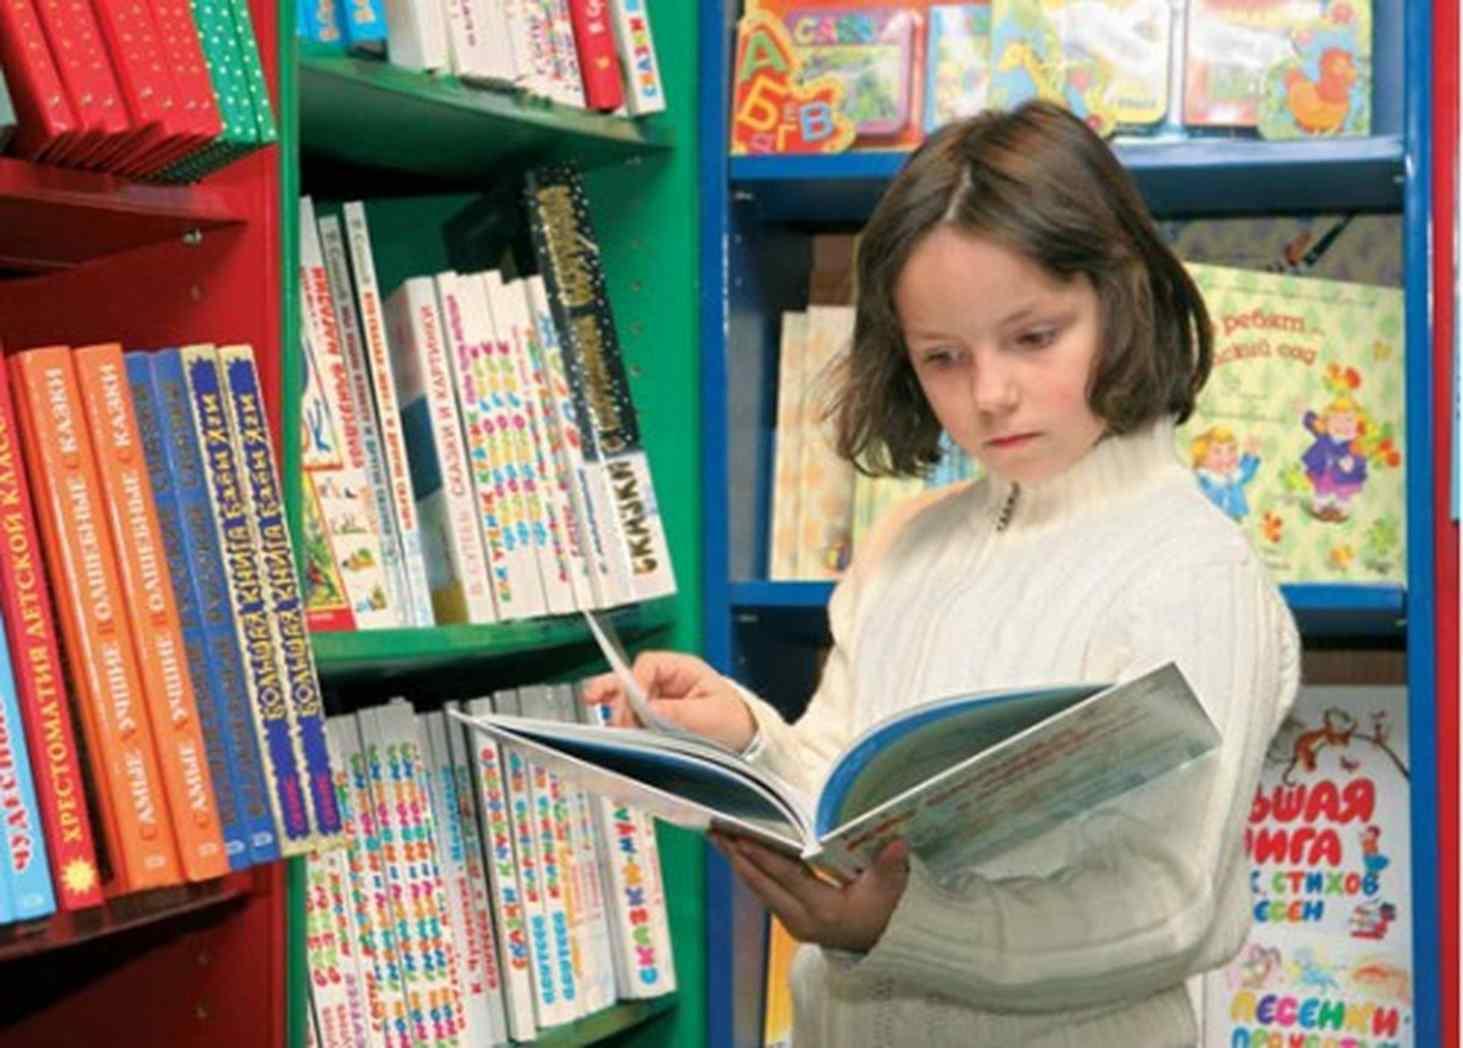 kak-razvit-interes-k-chteniyu-hudozhestvennoj-literatury-u-sovremennogo-shkolnika